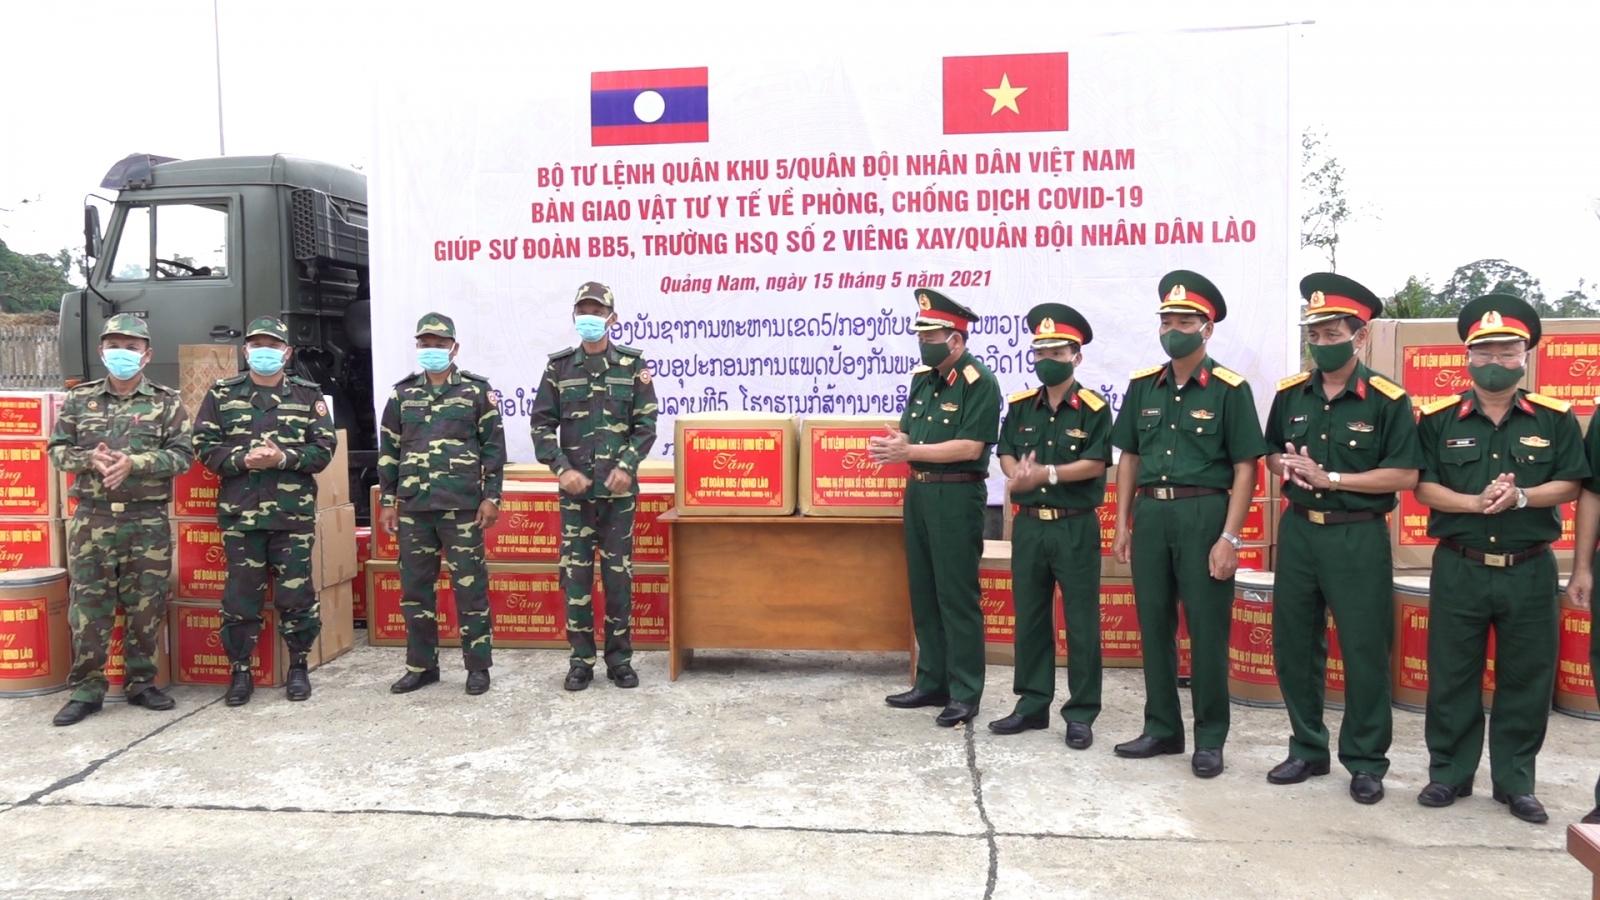 Quân khu 5 tặng thiết bị, vật tư y tế các đơn vị Quân đội Nhân dân Lào